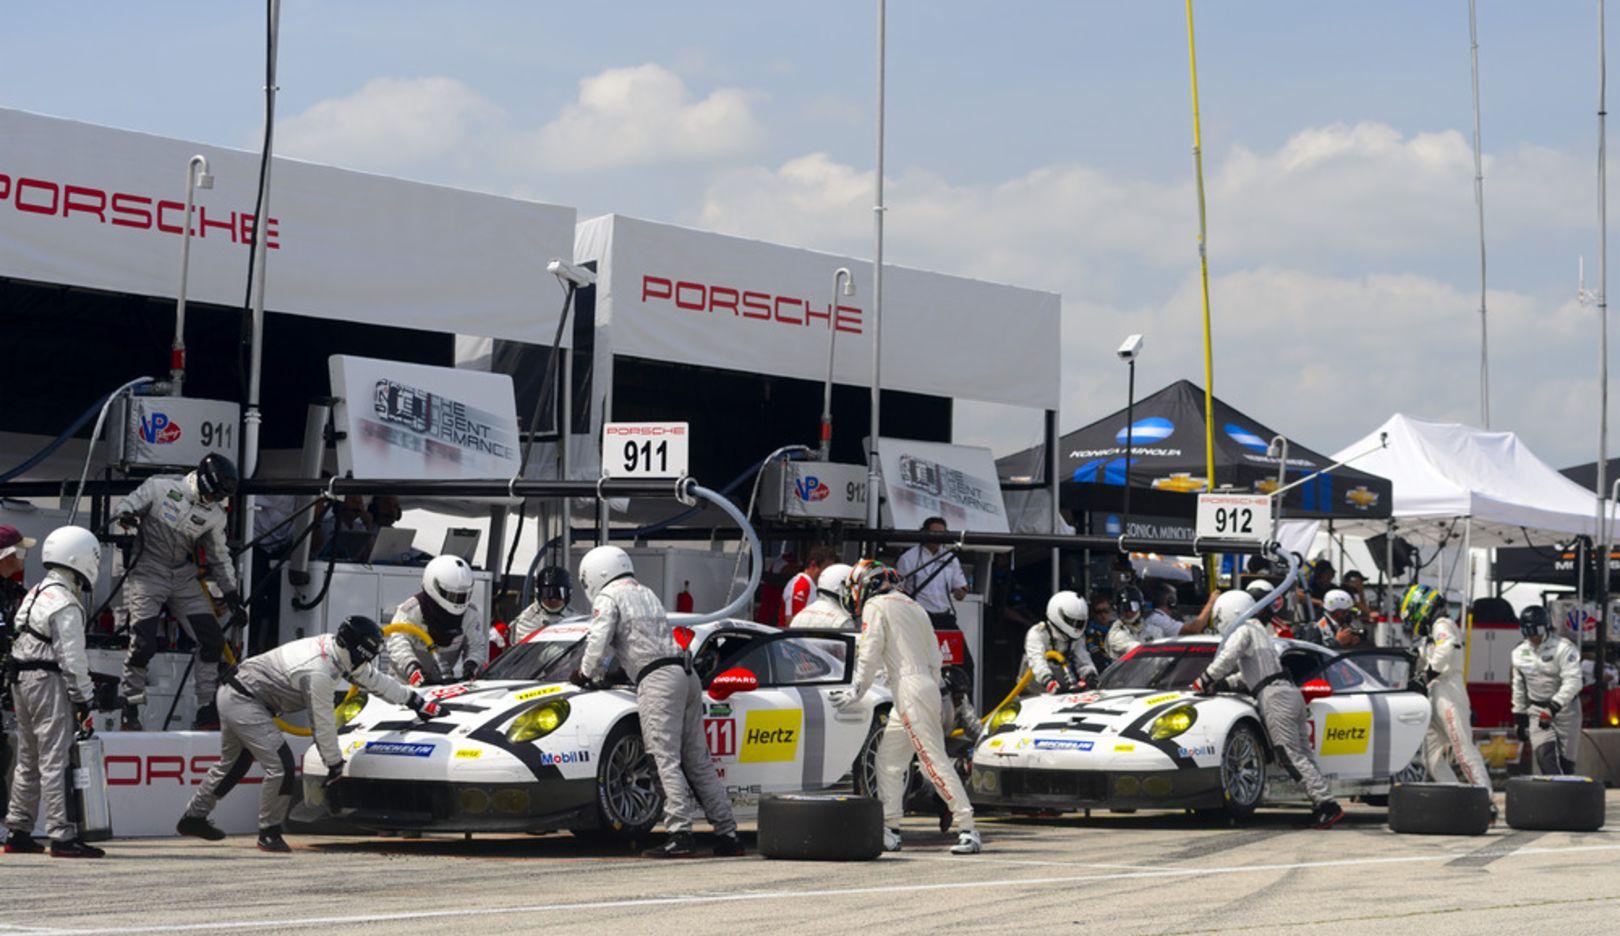 Richard Lietz, Nick Tandy, Patrick Long, Michael Christensen, Werksfahrer, 911 RSR, Porsche 911 RSR,  Tudor SportsCar Championship, 2014, Porsche AG